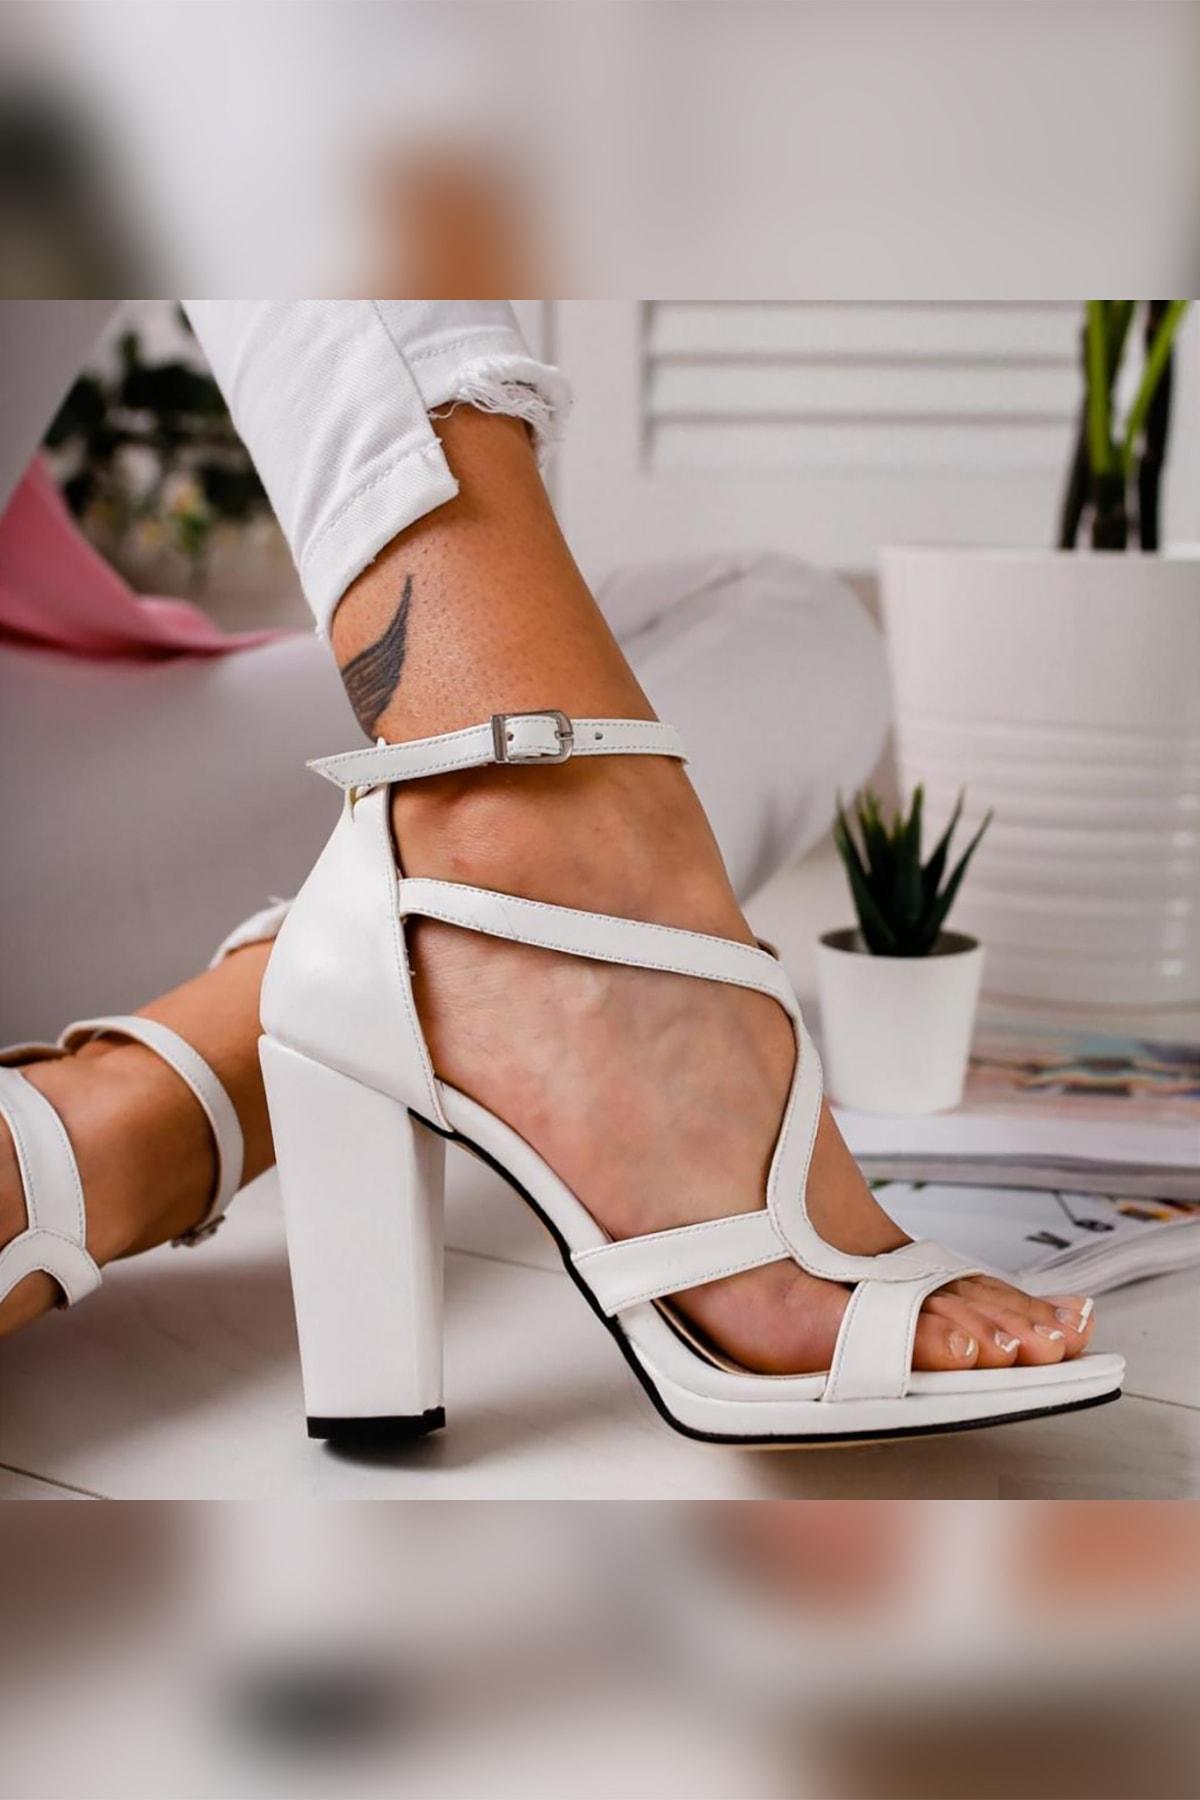 Limoya Kadın Beyaz Deri Platformlu Kalın Topuklu Ayakkabı 2